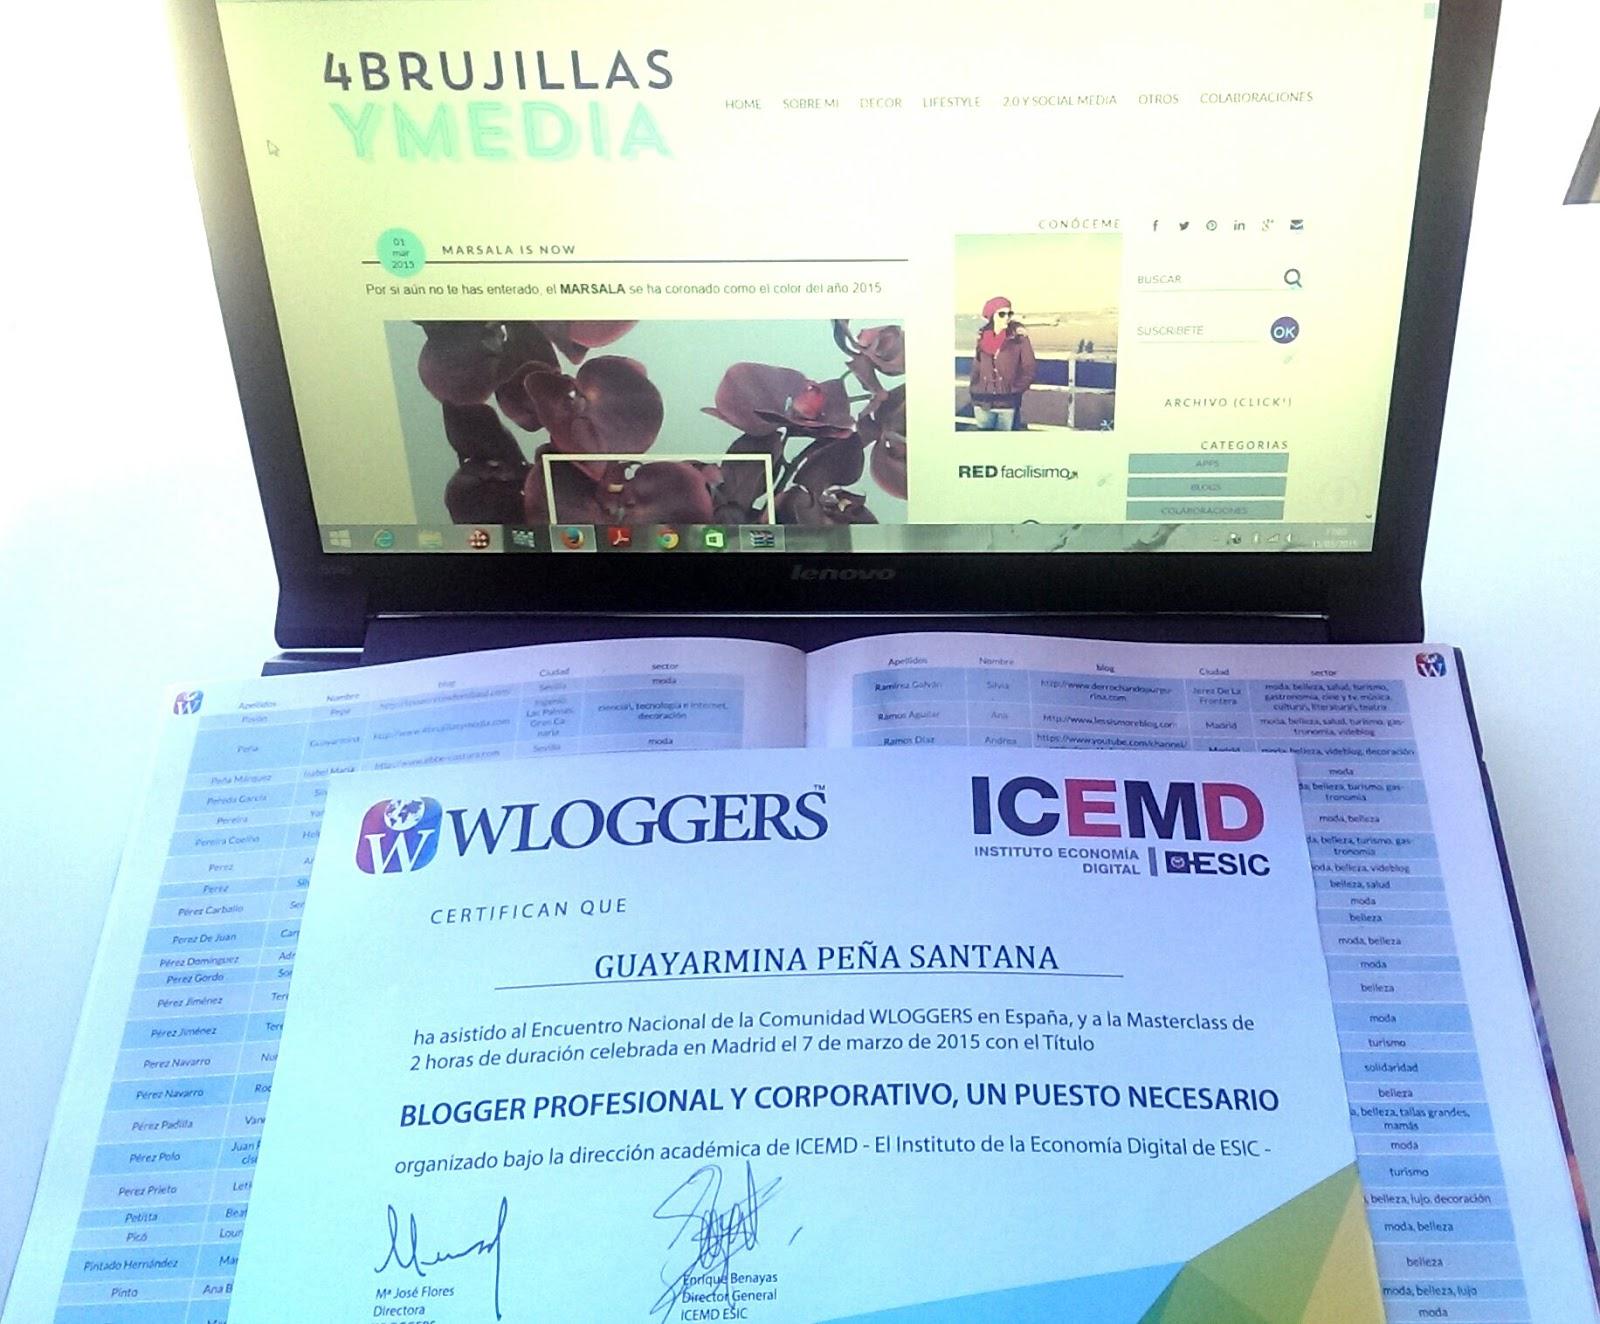 Wloggers 2015, certificado y directorio de blogs